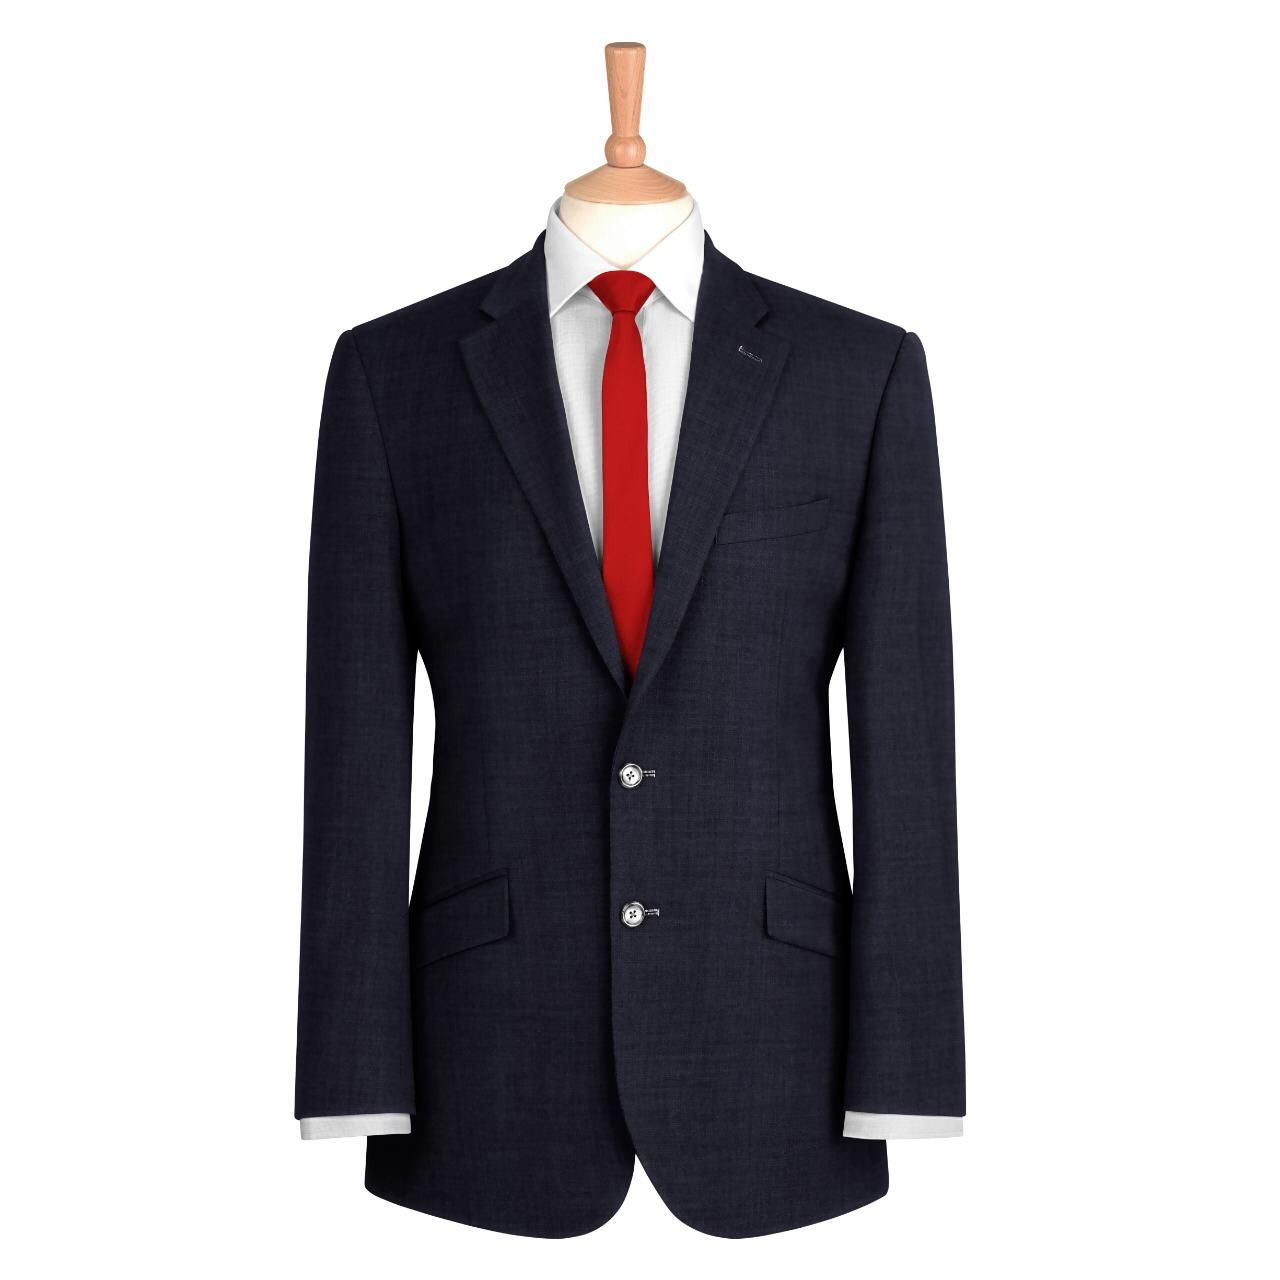 Black Plain Suit